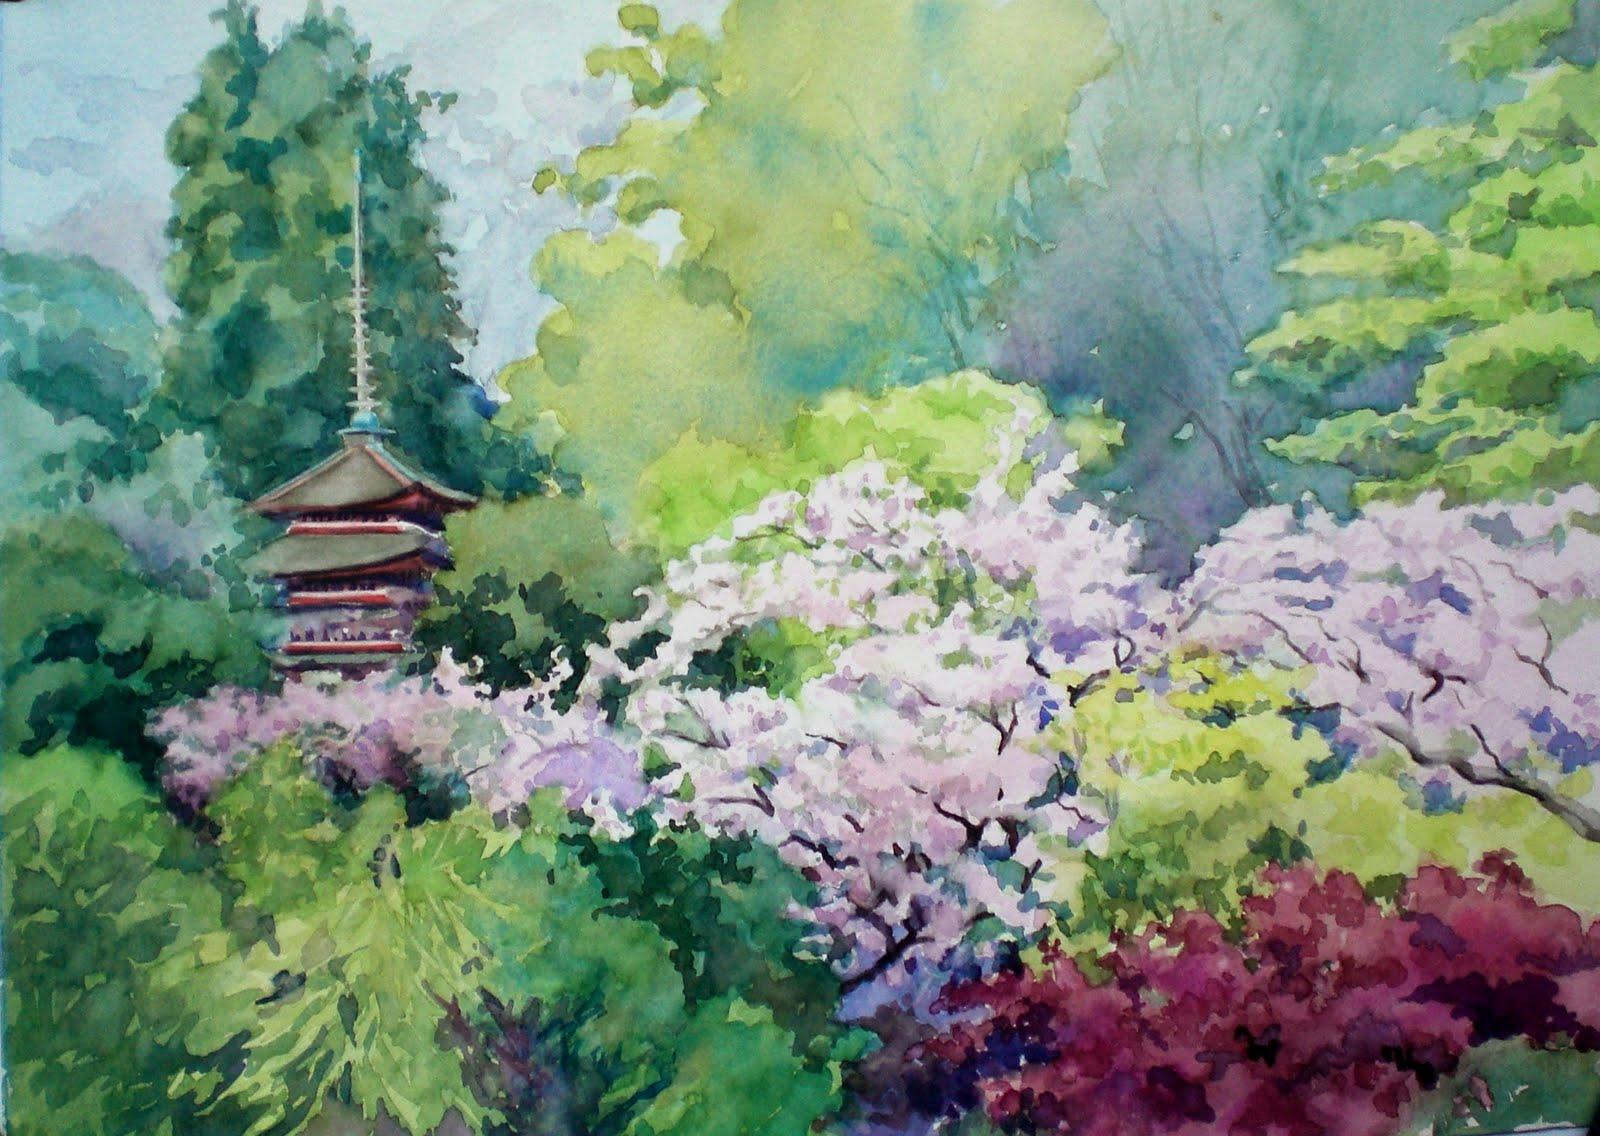 Asian watercolor art gradually